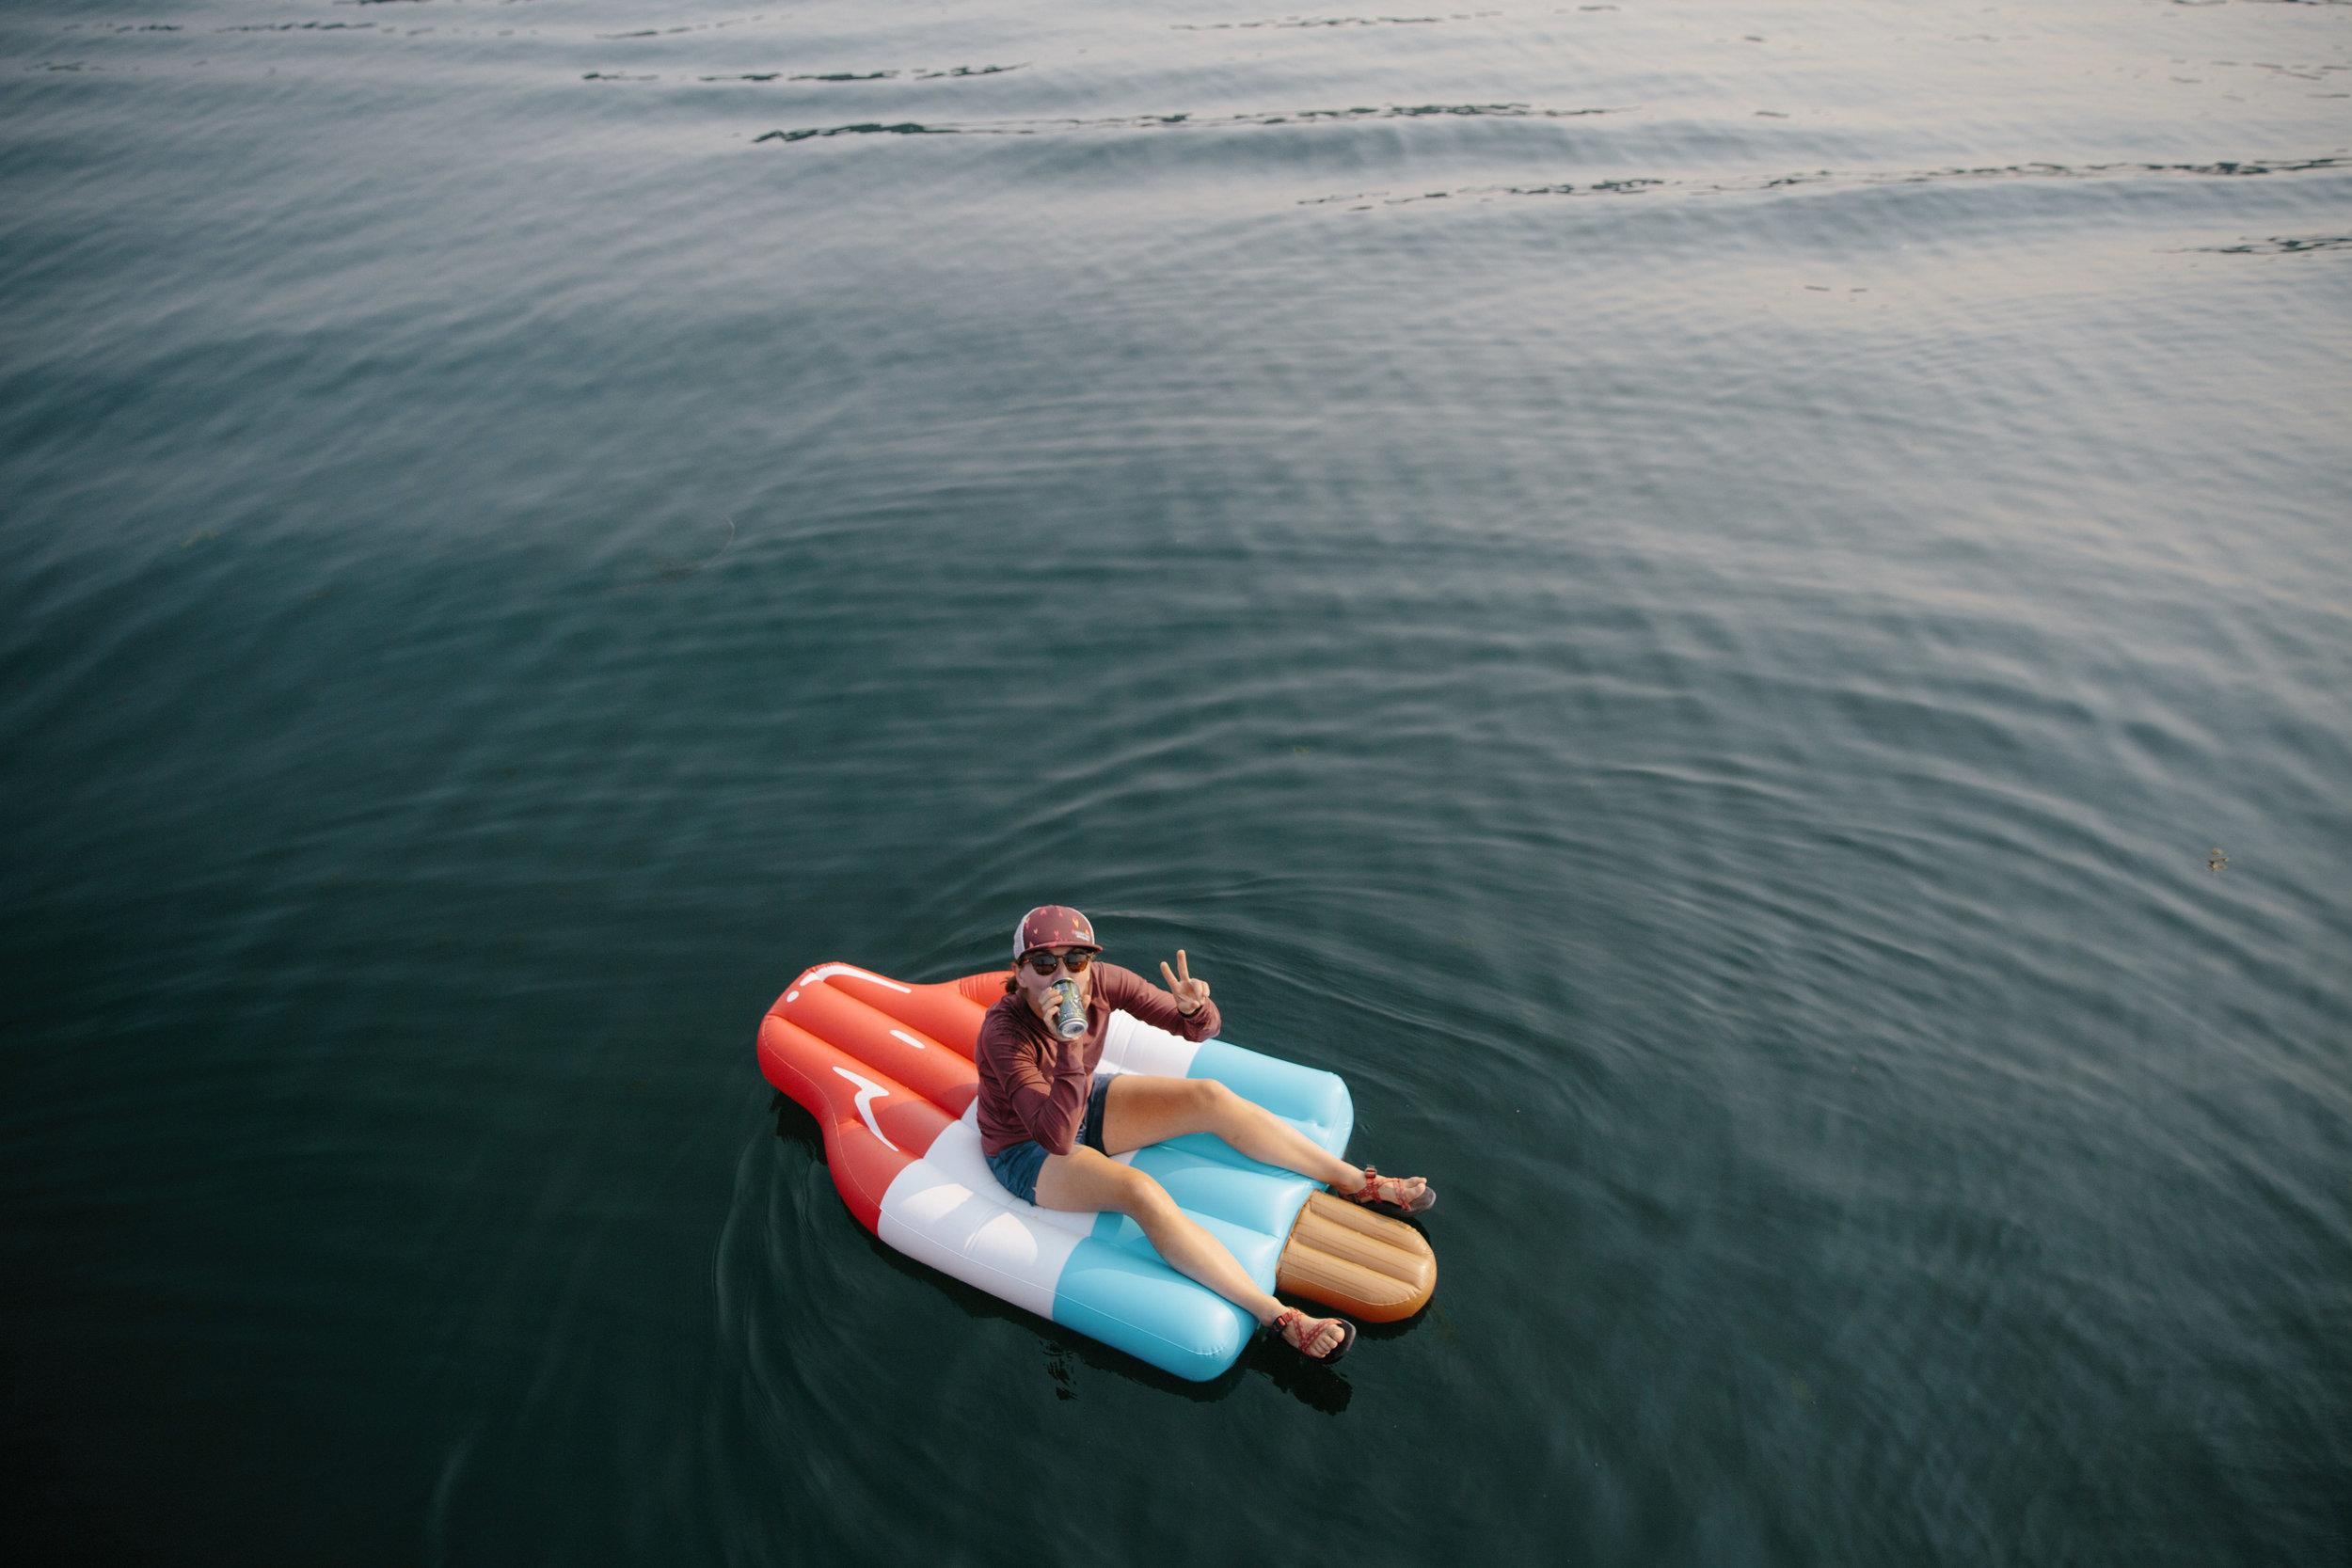 08:10 — Balkin_Oru_San Juans Sailing_0129.jpg